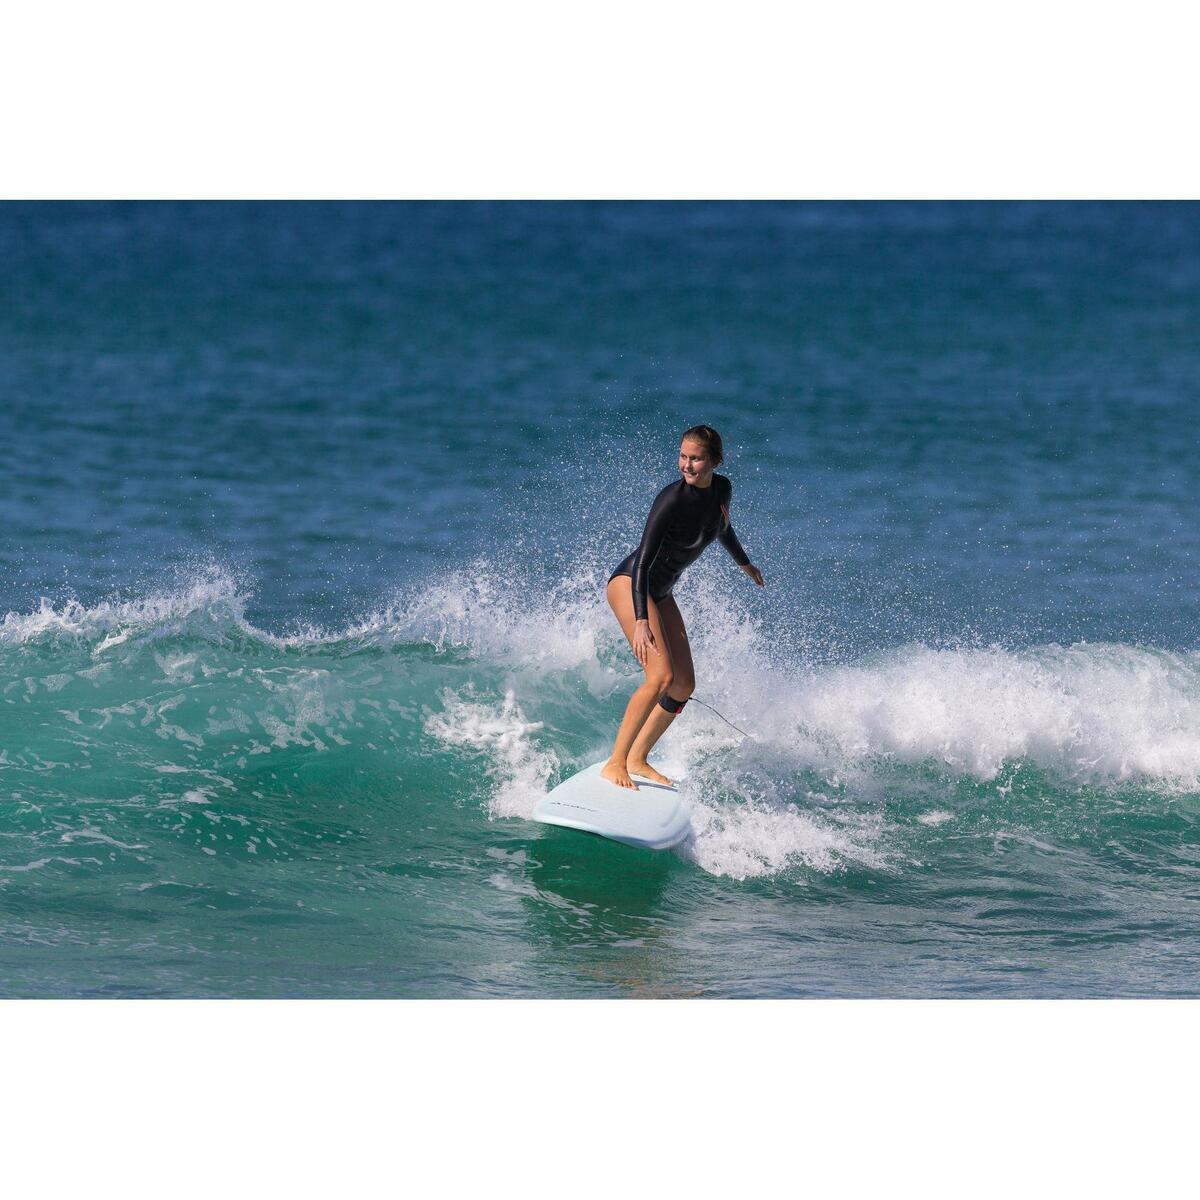 Bild 5 von Neoprenshorty Langarm Surfen 900LS ohne Reißverschluss Damen schwarz